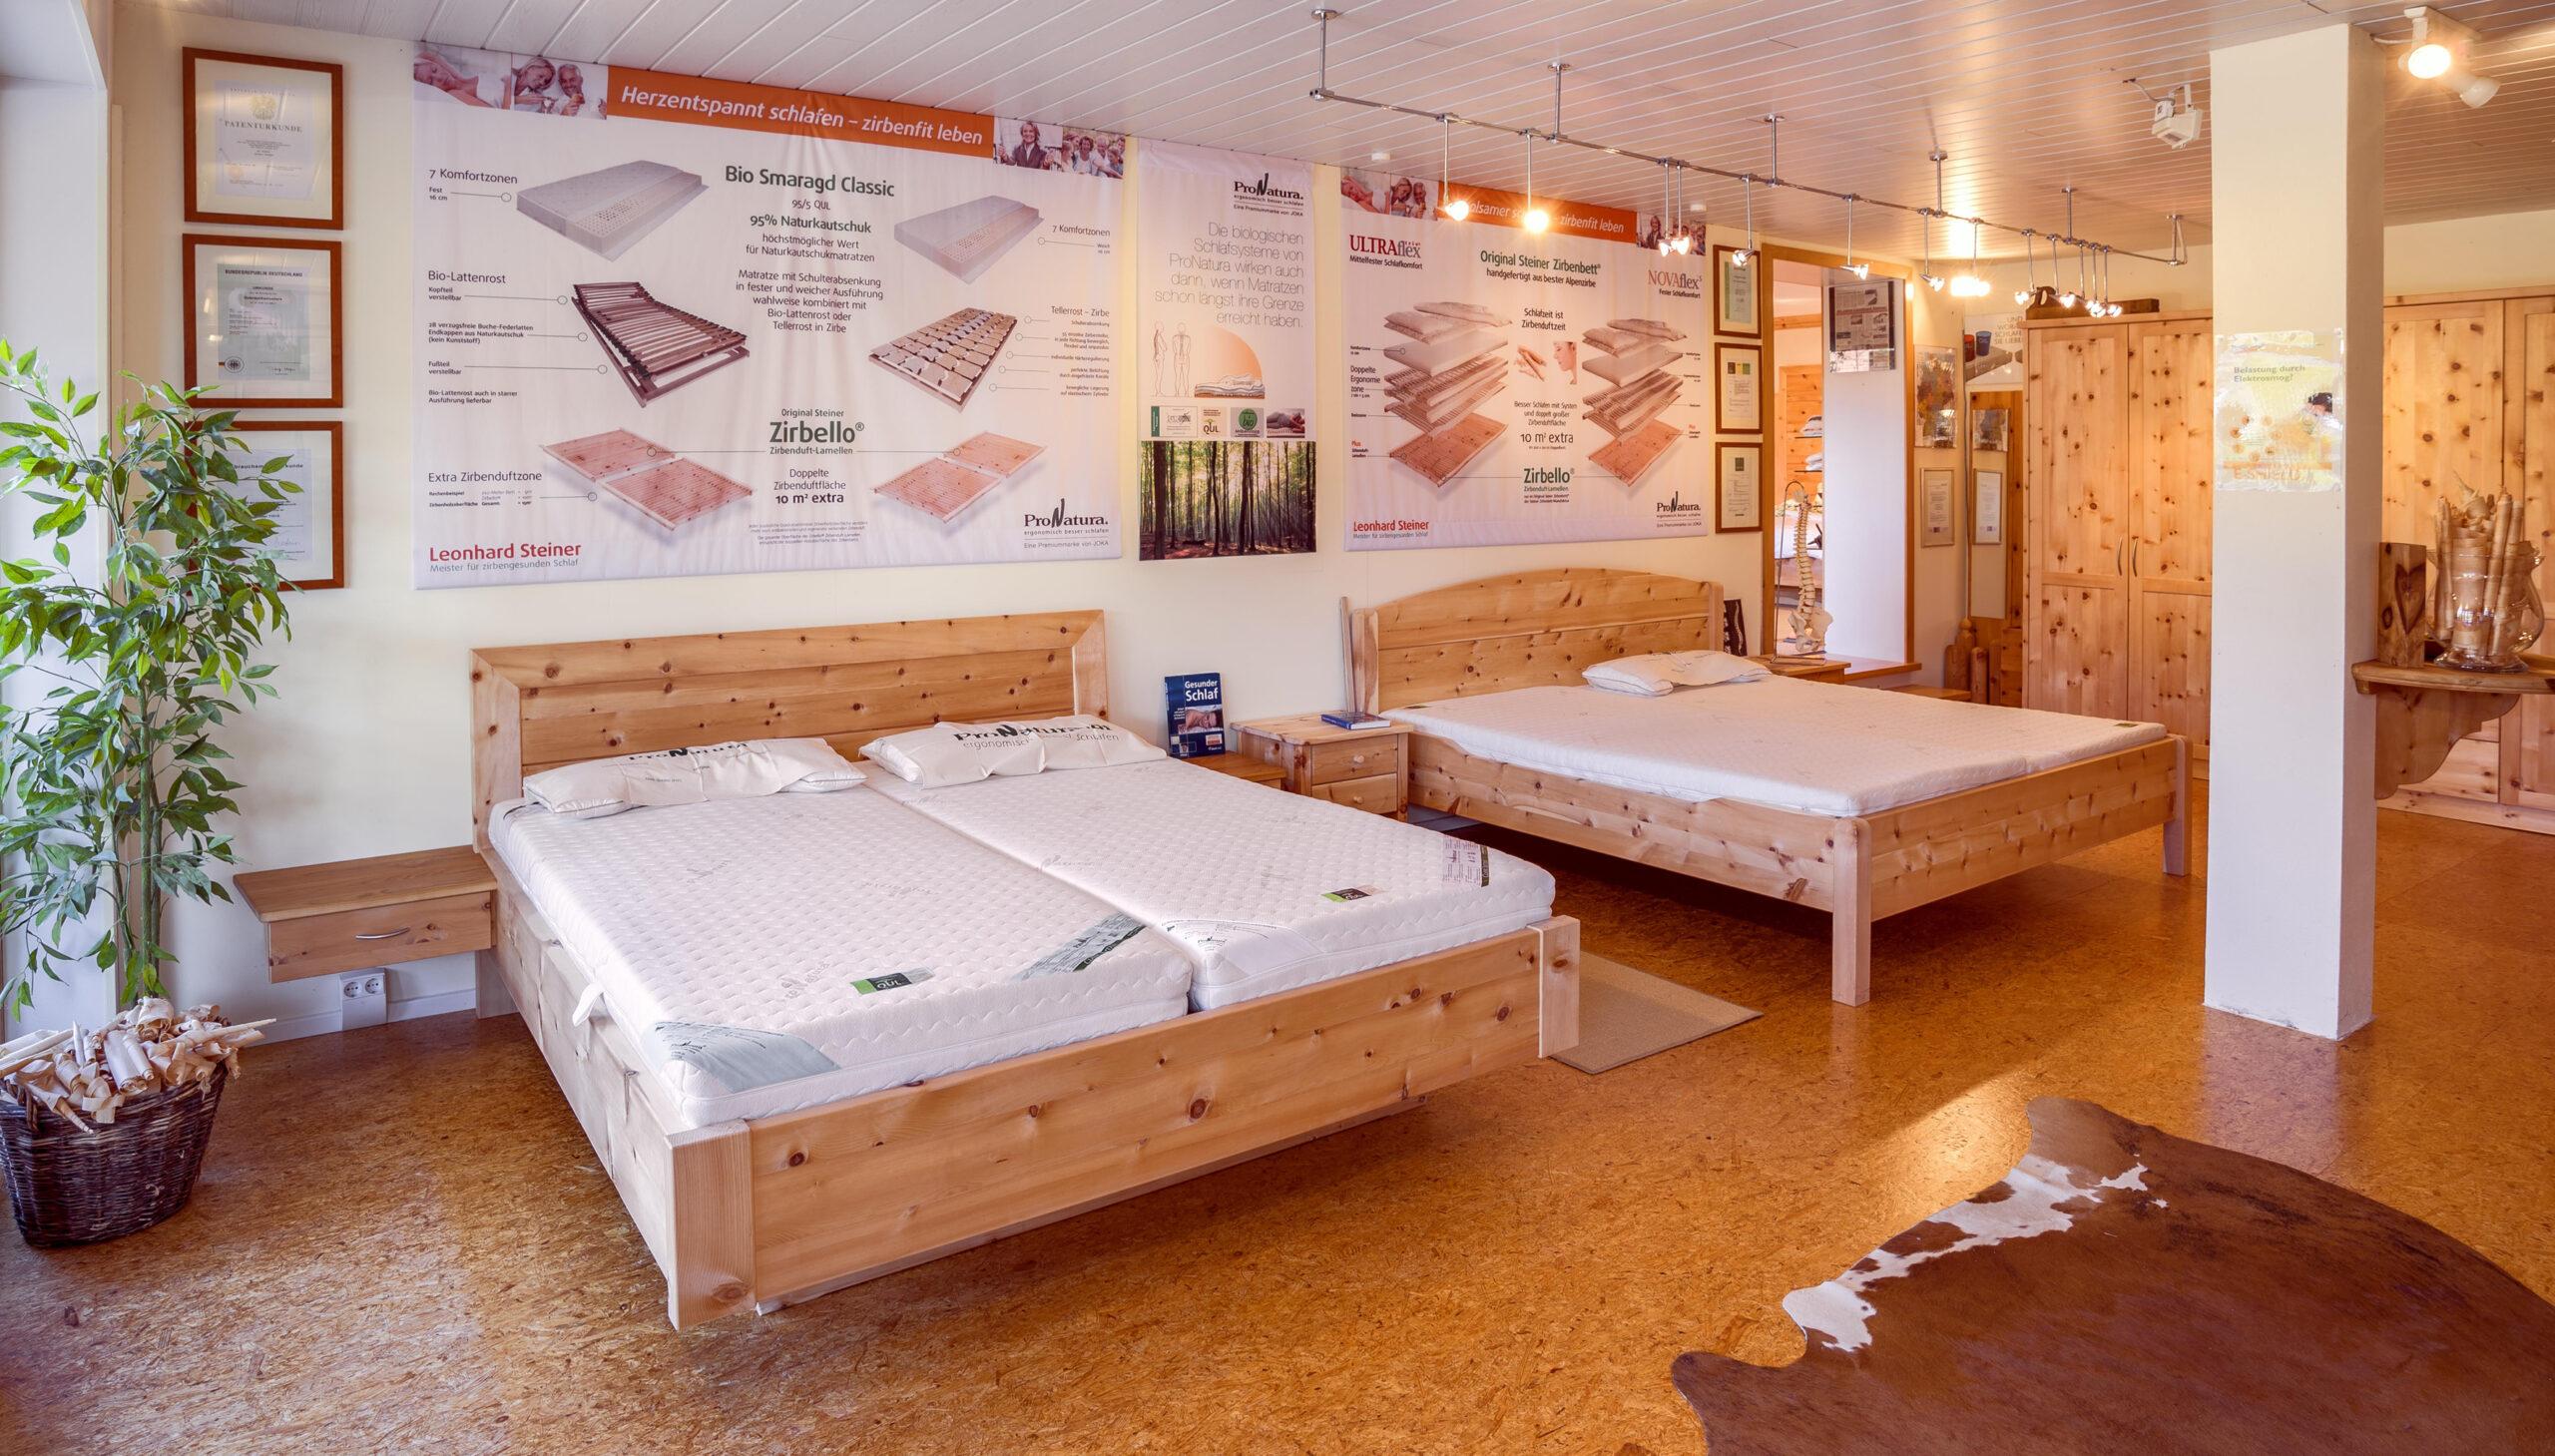 Full Size of Schlafstudio München Zirbenbett Feldkirchen Westerham Sofa Betten Wohnzimmer Schlafstudio München